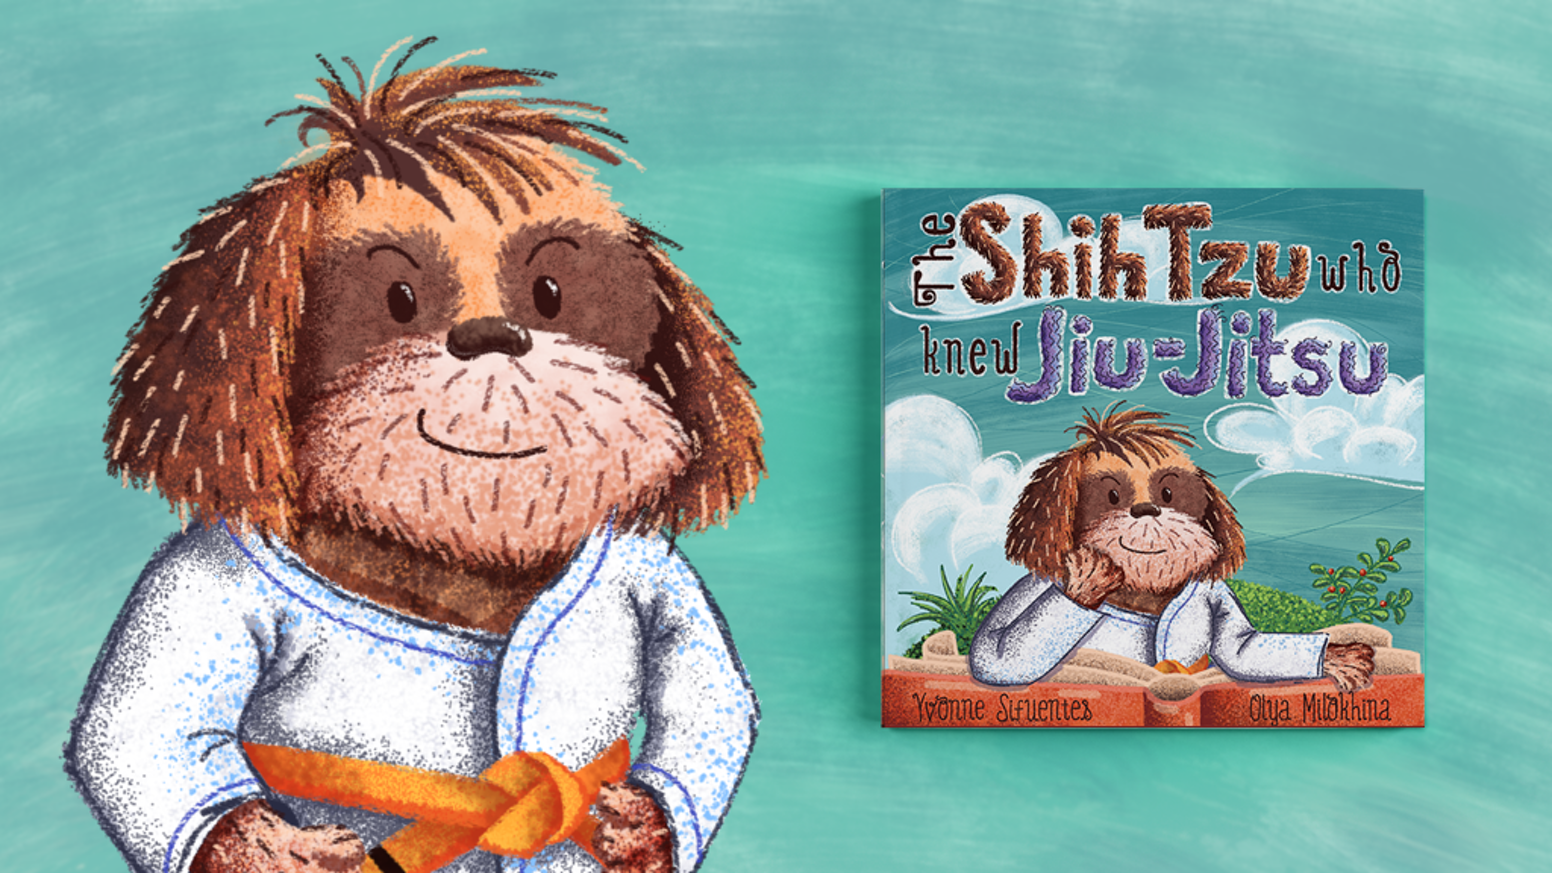 The Shih Tzu Who Knew Jiu Jitsu By Yvonne Sifuentes Kickstarter